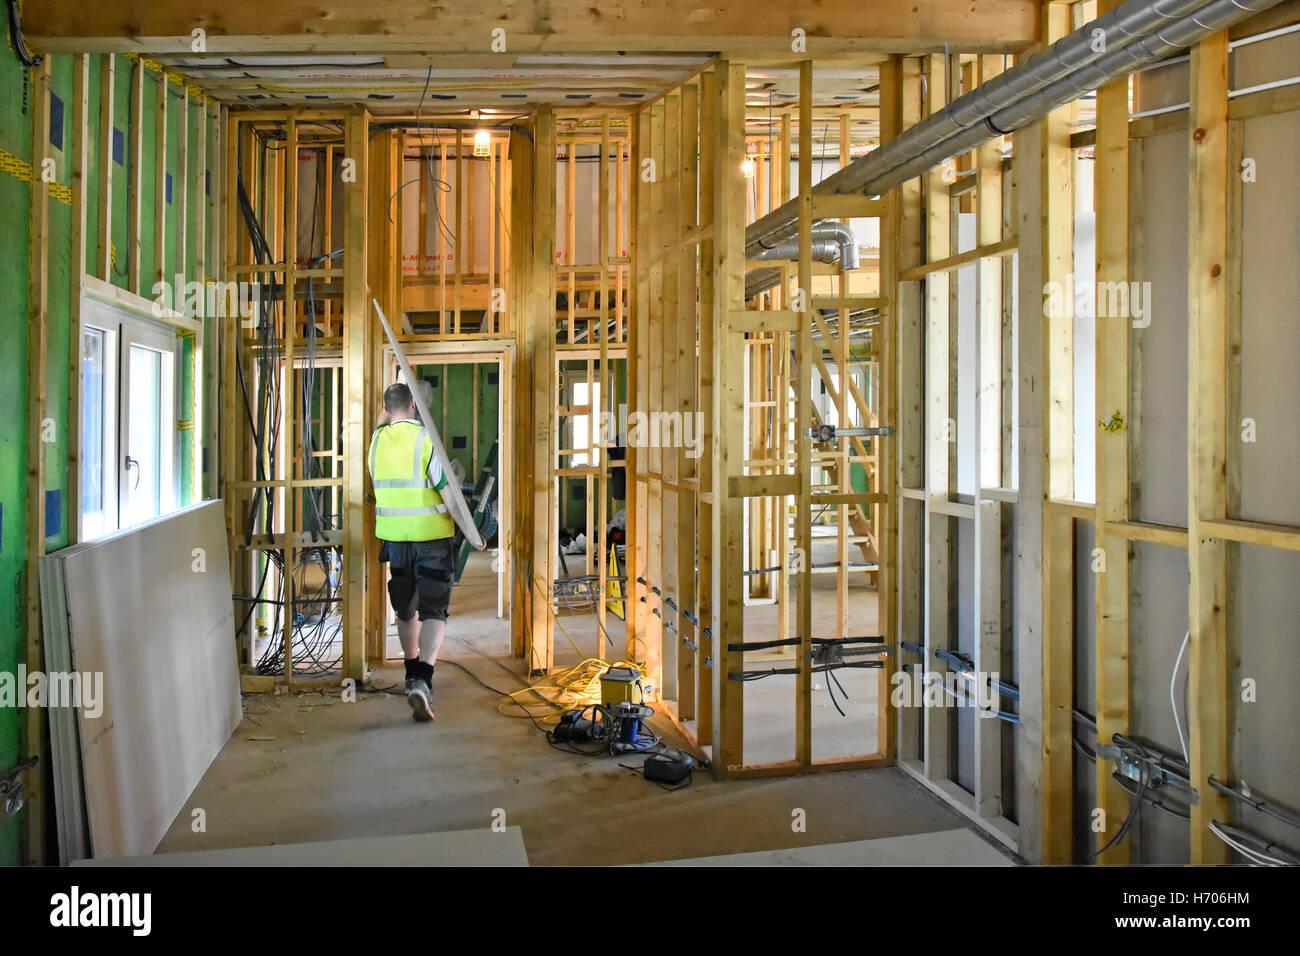 Intérieur de l'énergie, au Royaume-Uni nouvelle maison passive efficace montrant les conduites electrics Photo Stock